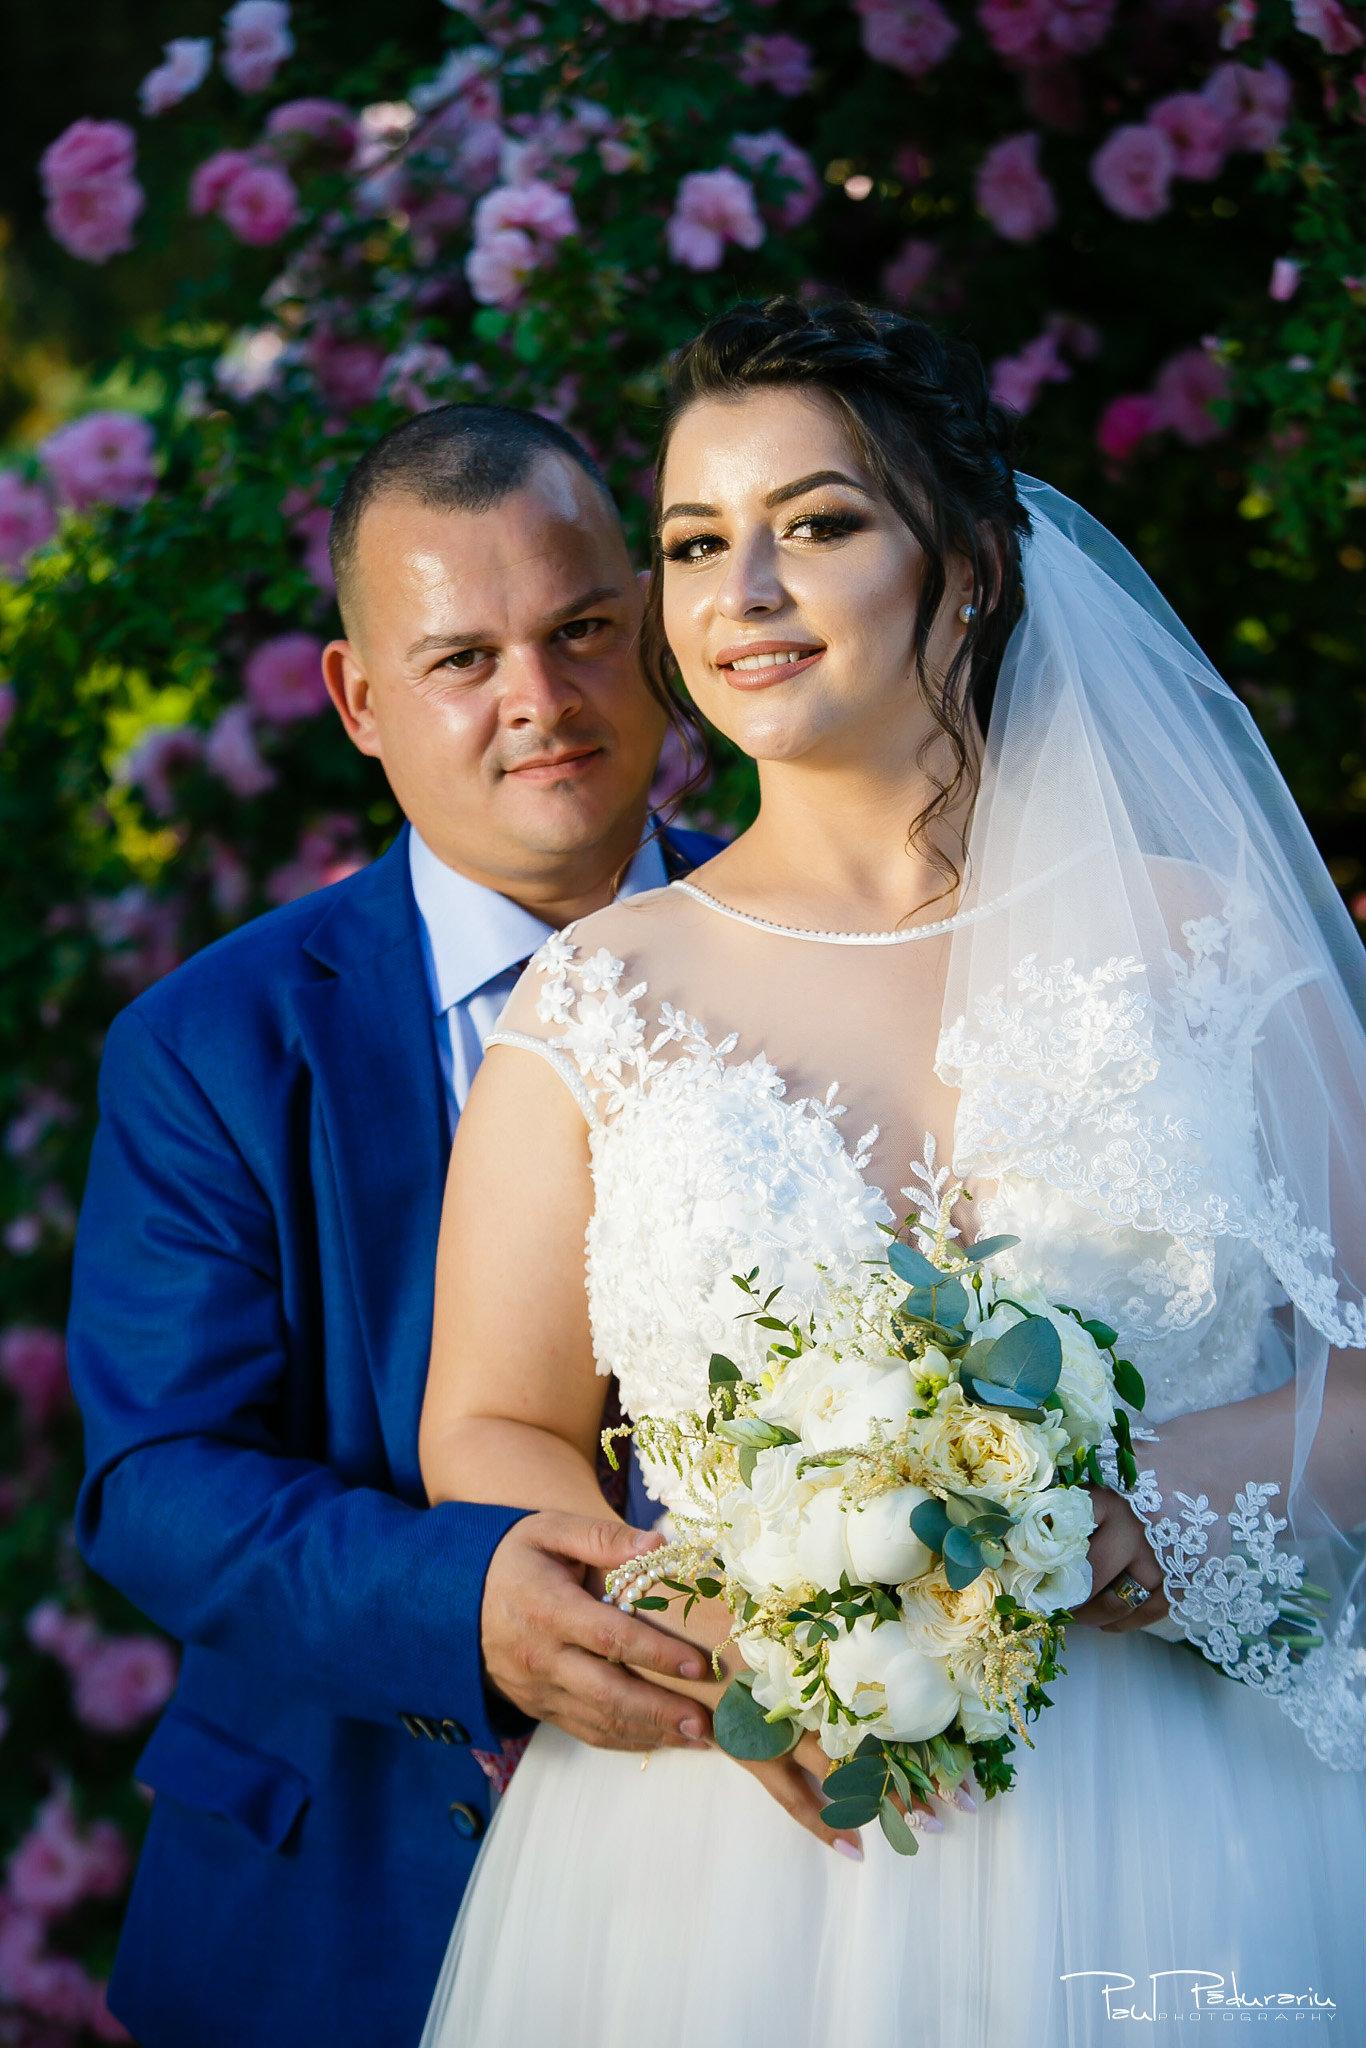 Sedinta foto nunta iasi fotograf profesionist paul padurariu - nunta la Castel Ana-Maria si Marius www.paulpadurariu.ro © 2018 Paul Padurariu